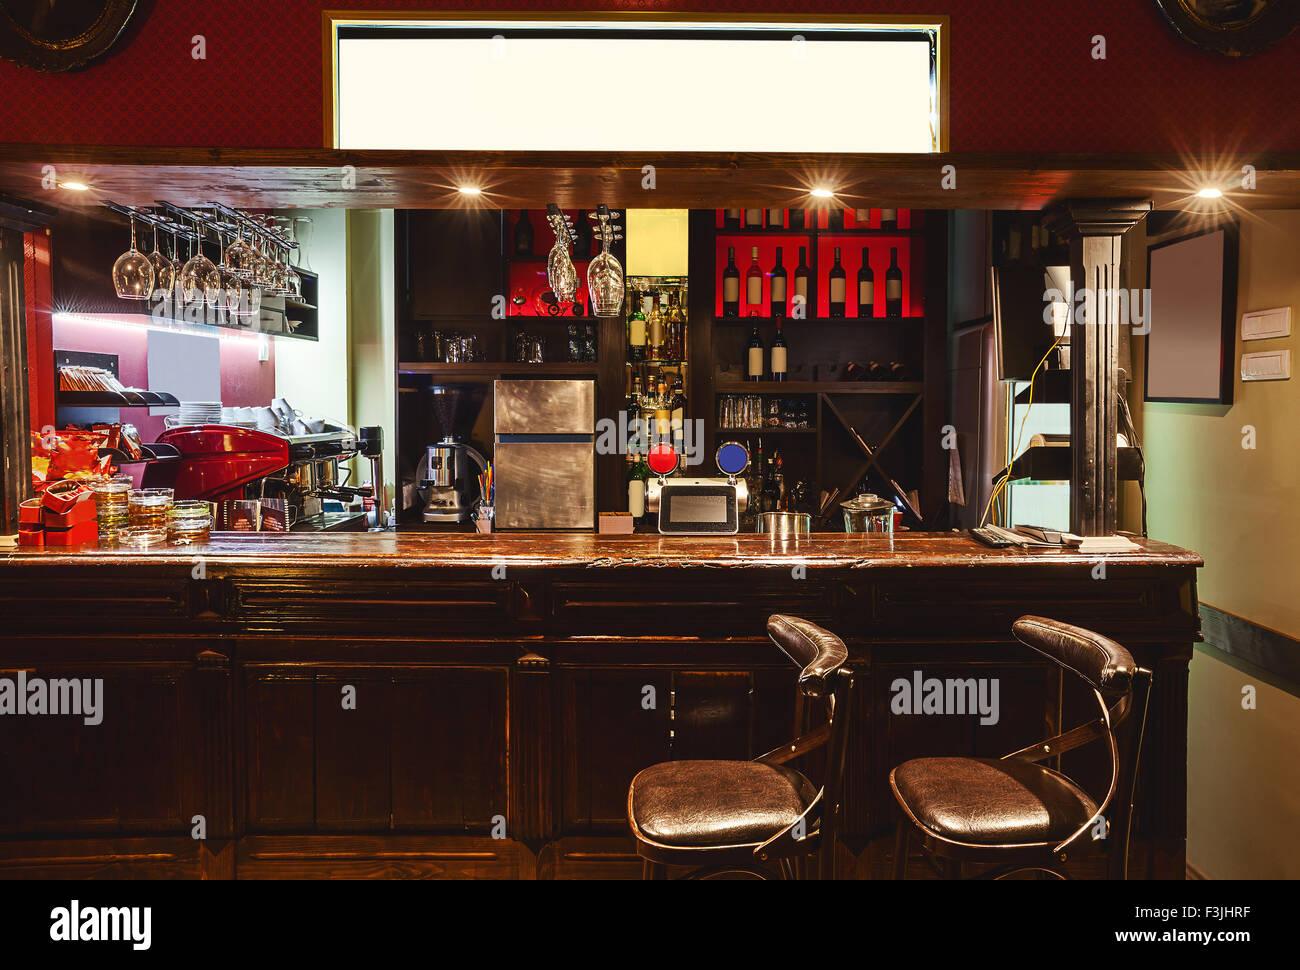 Intérieur d'un café moderne de style rétro, scène de nuit. L'éclairage, le mobilier Photo Stock